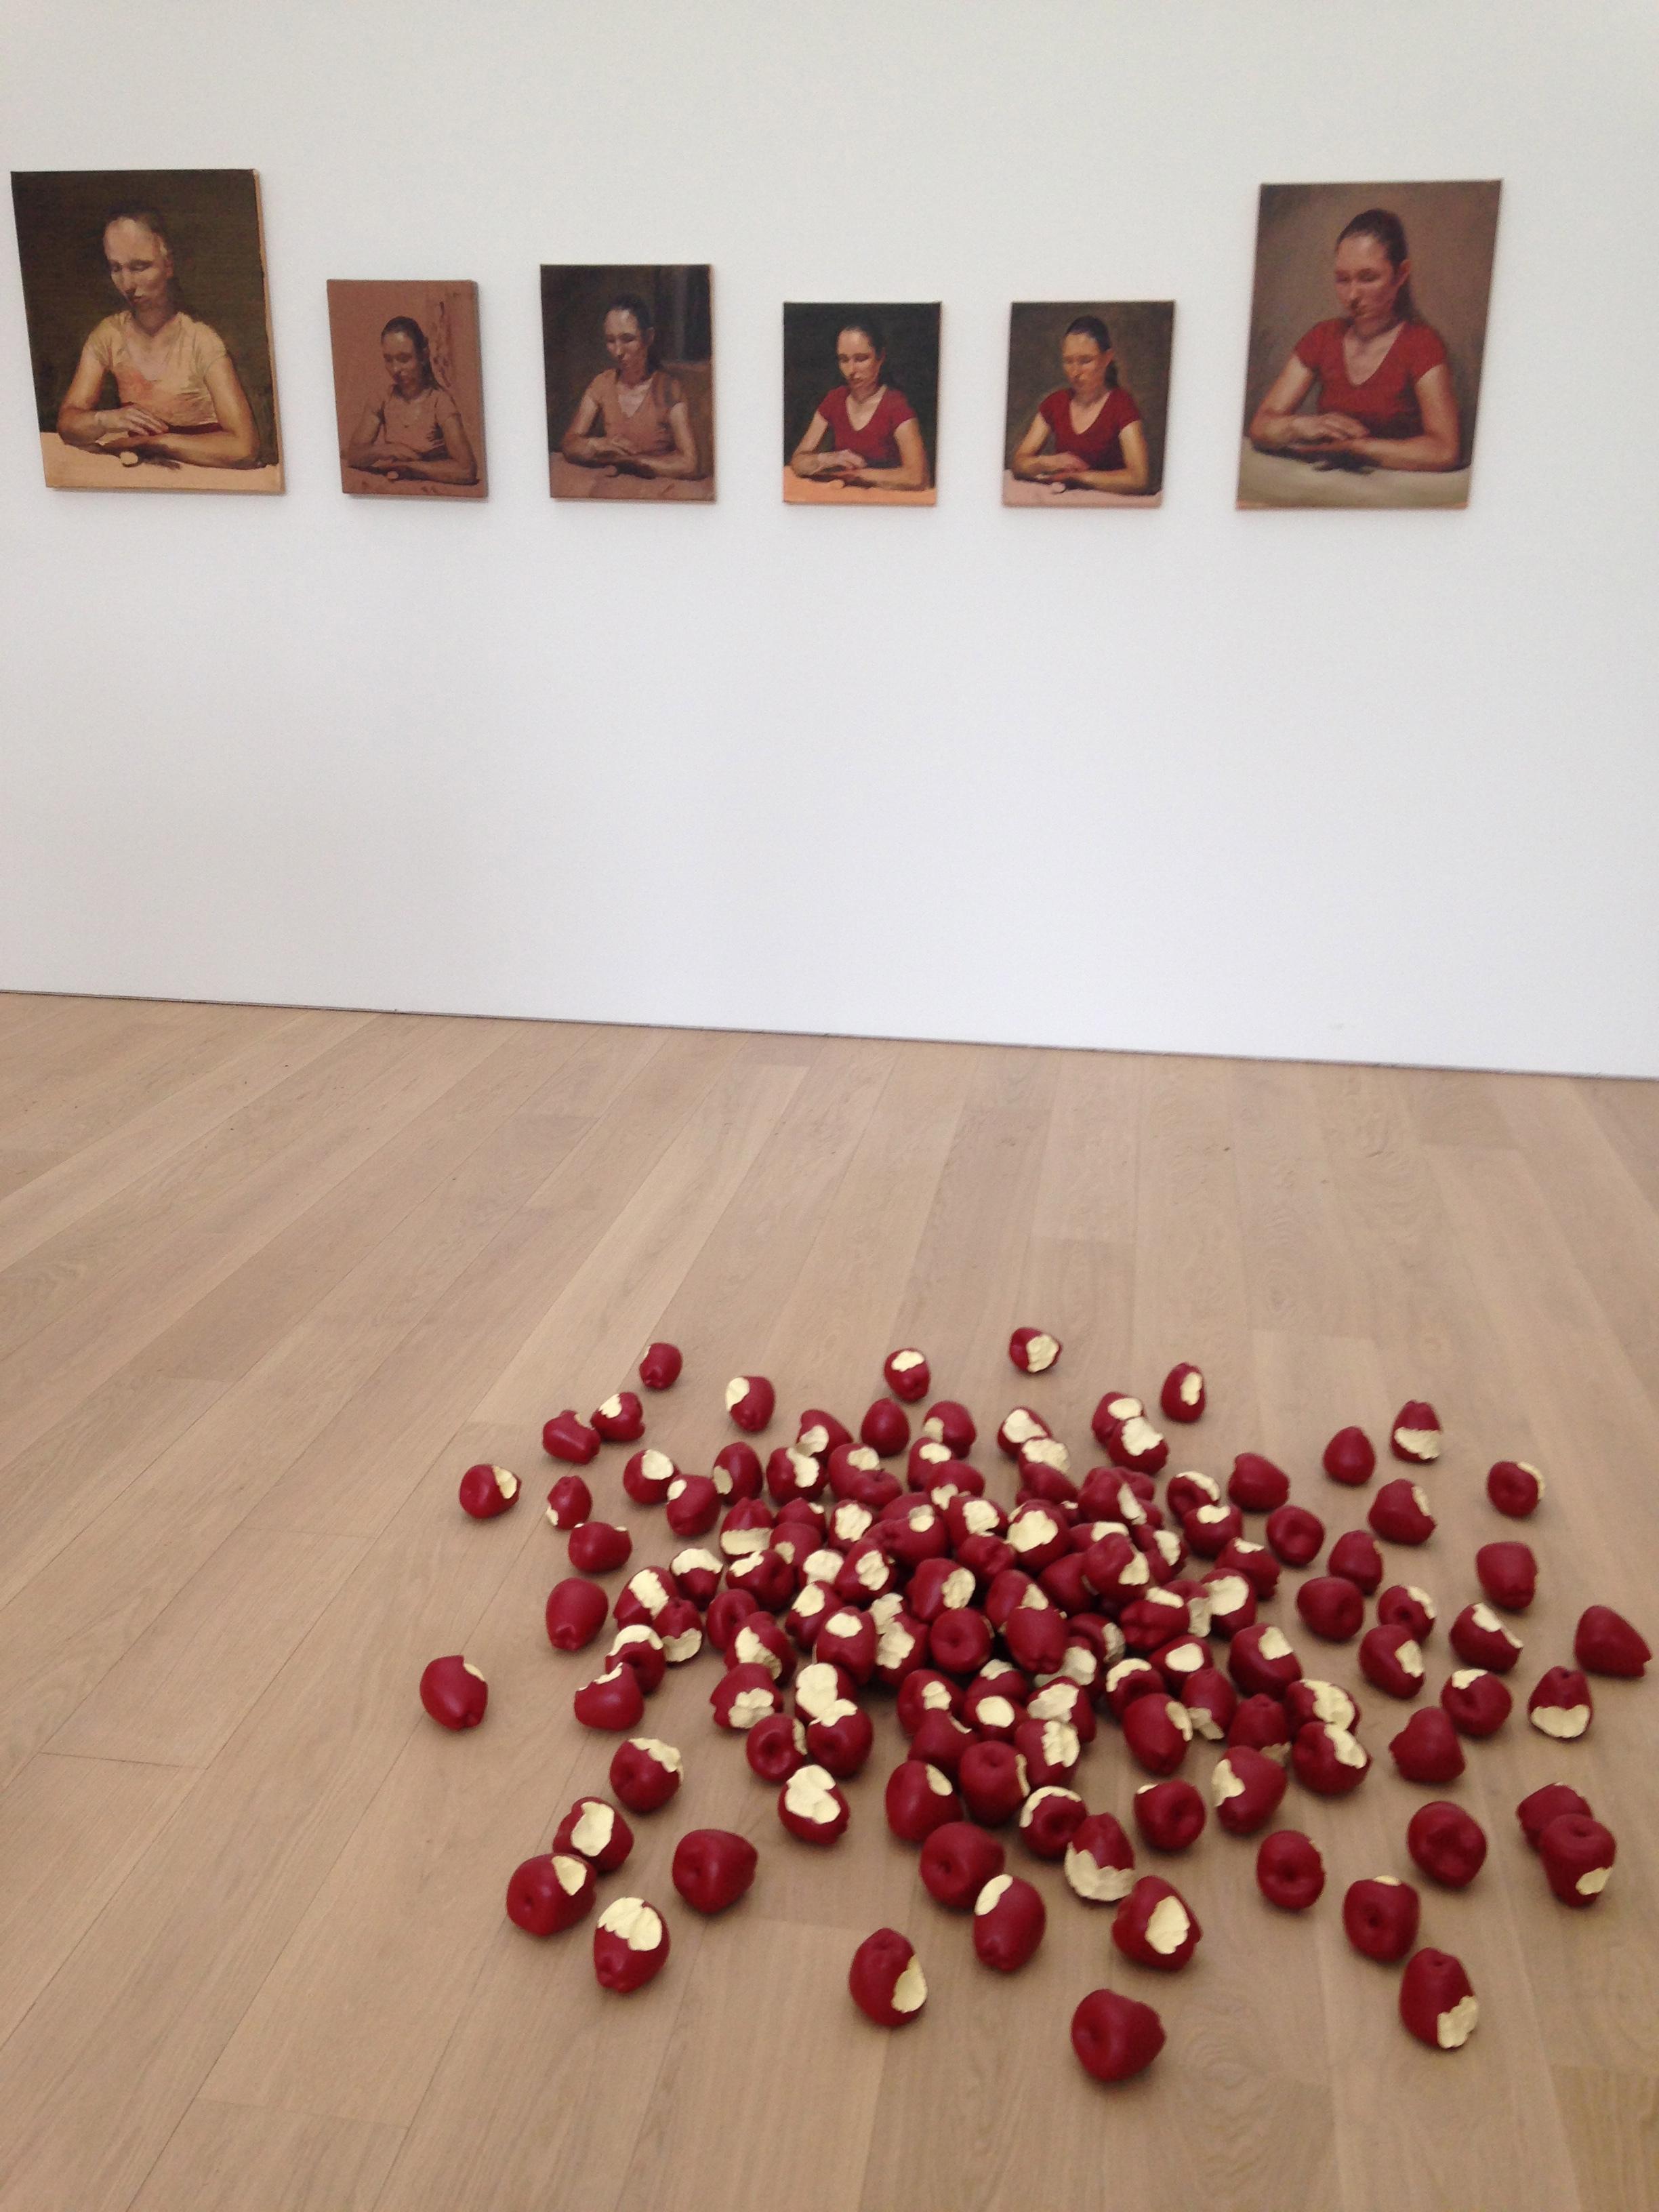 Michaël Borremans  The egg  (2007-2010) et Tom Friedman  untitled (apples)  (2012)